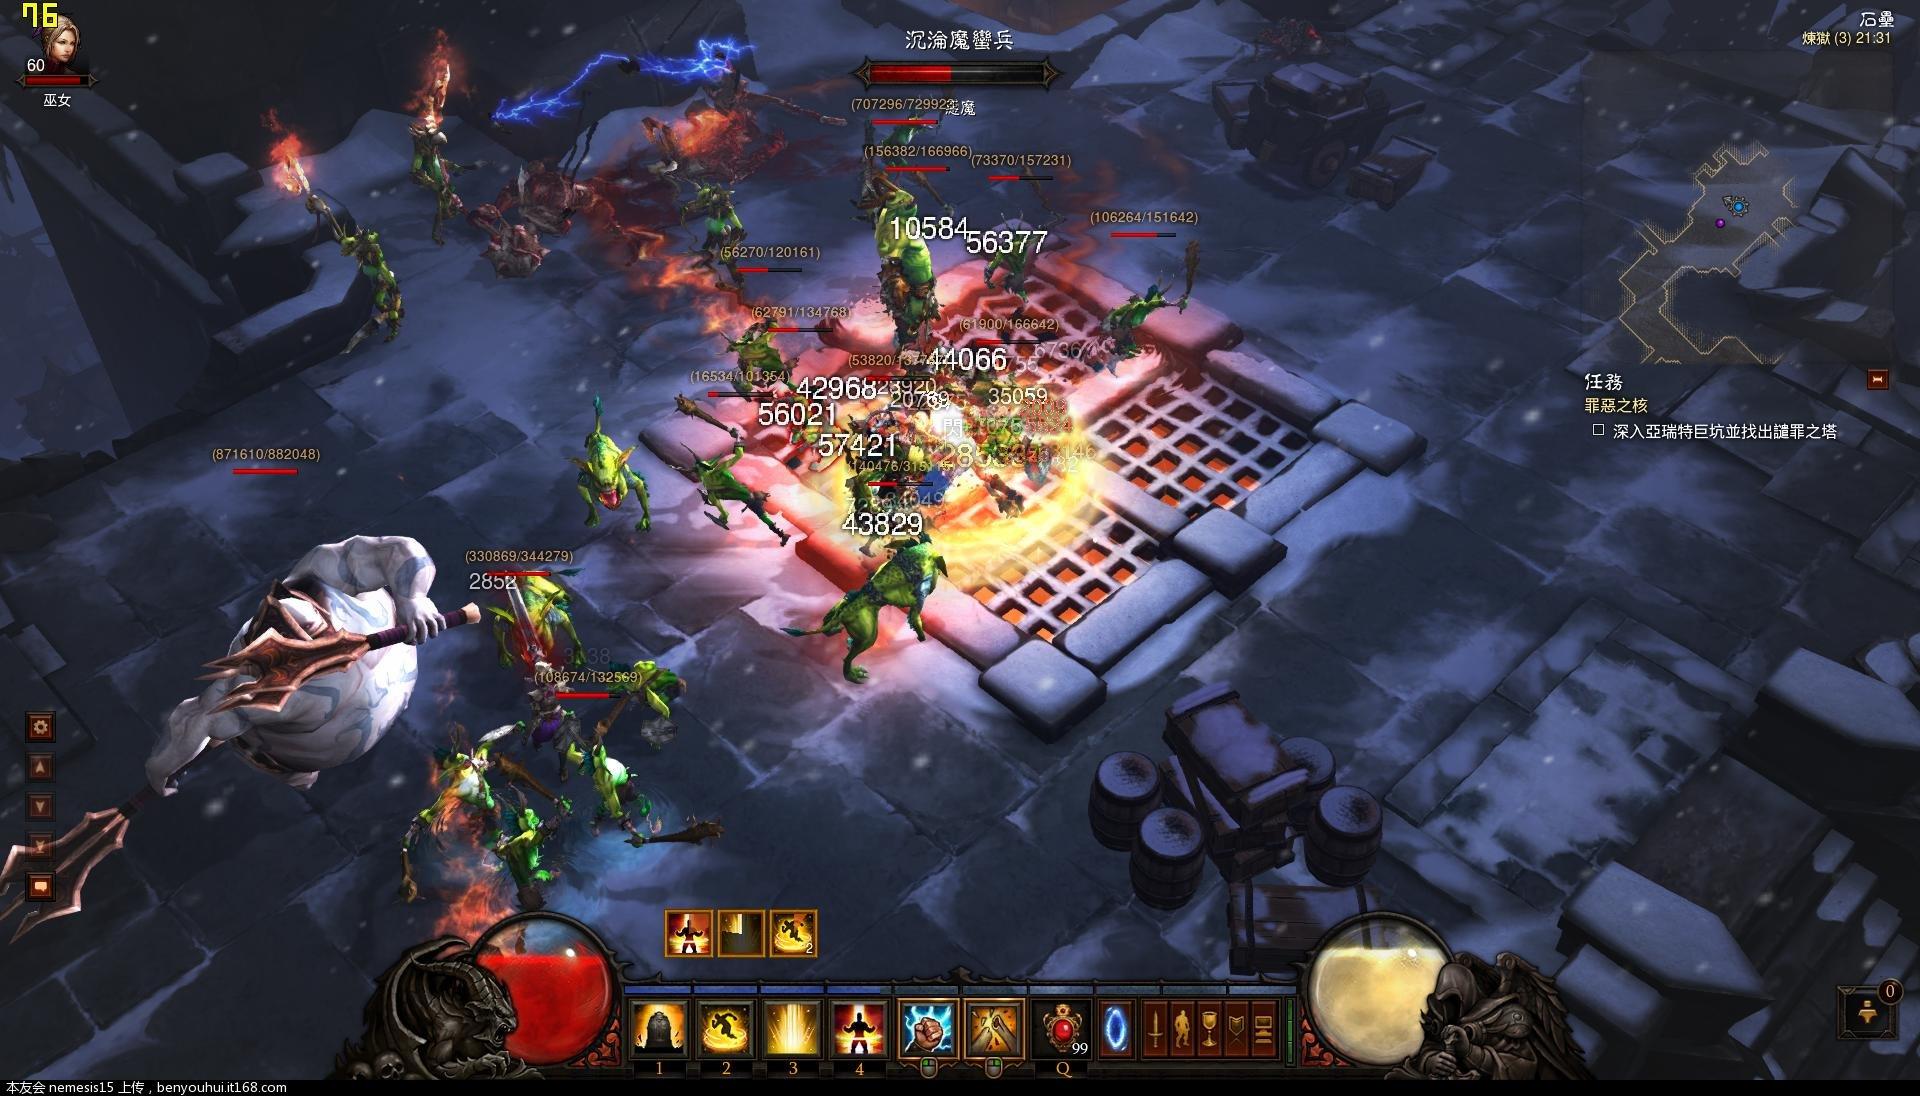 Diablo III 2013-11-03 21-31-04-26.jpg